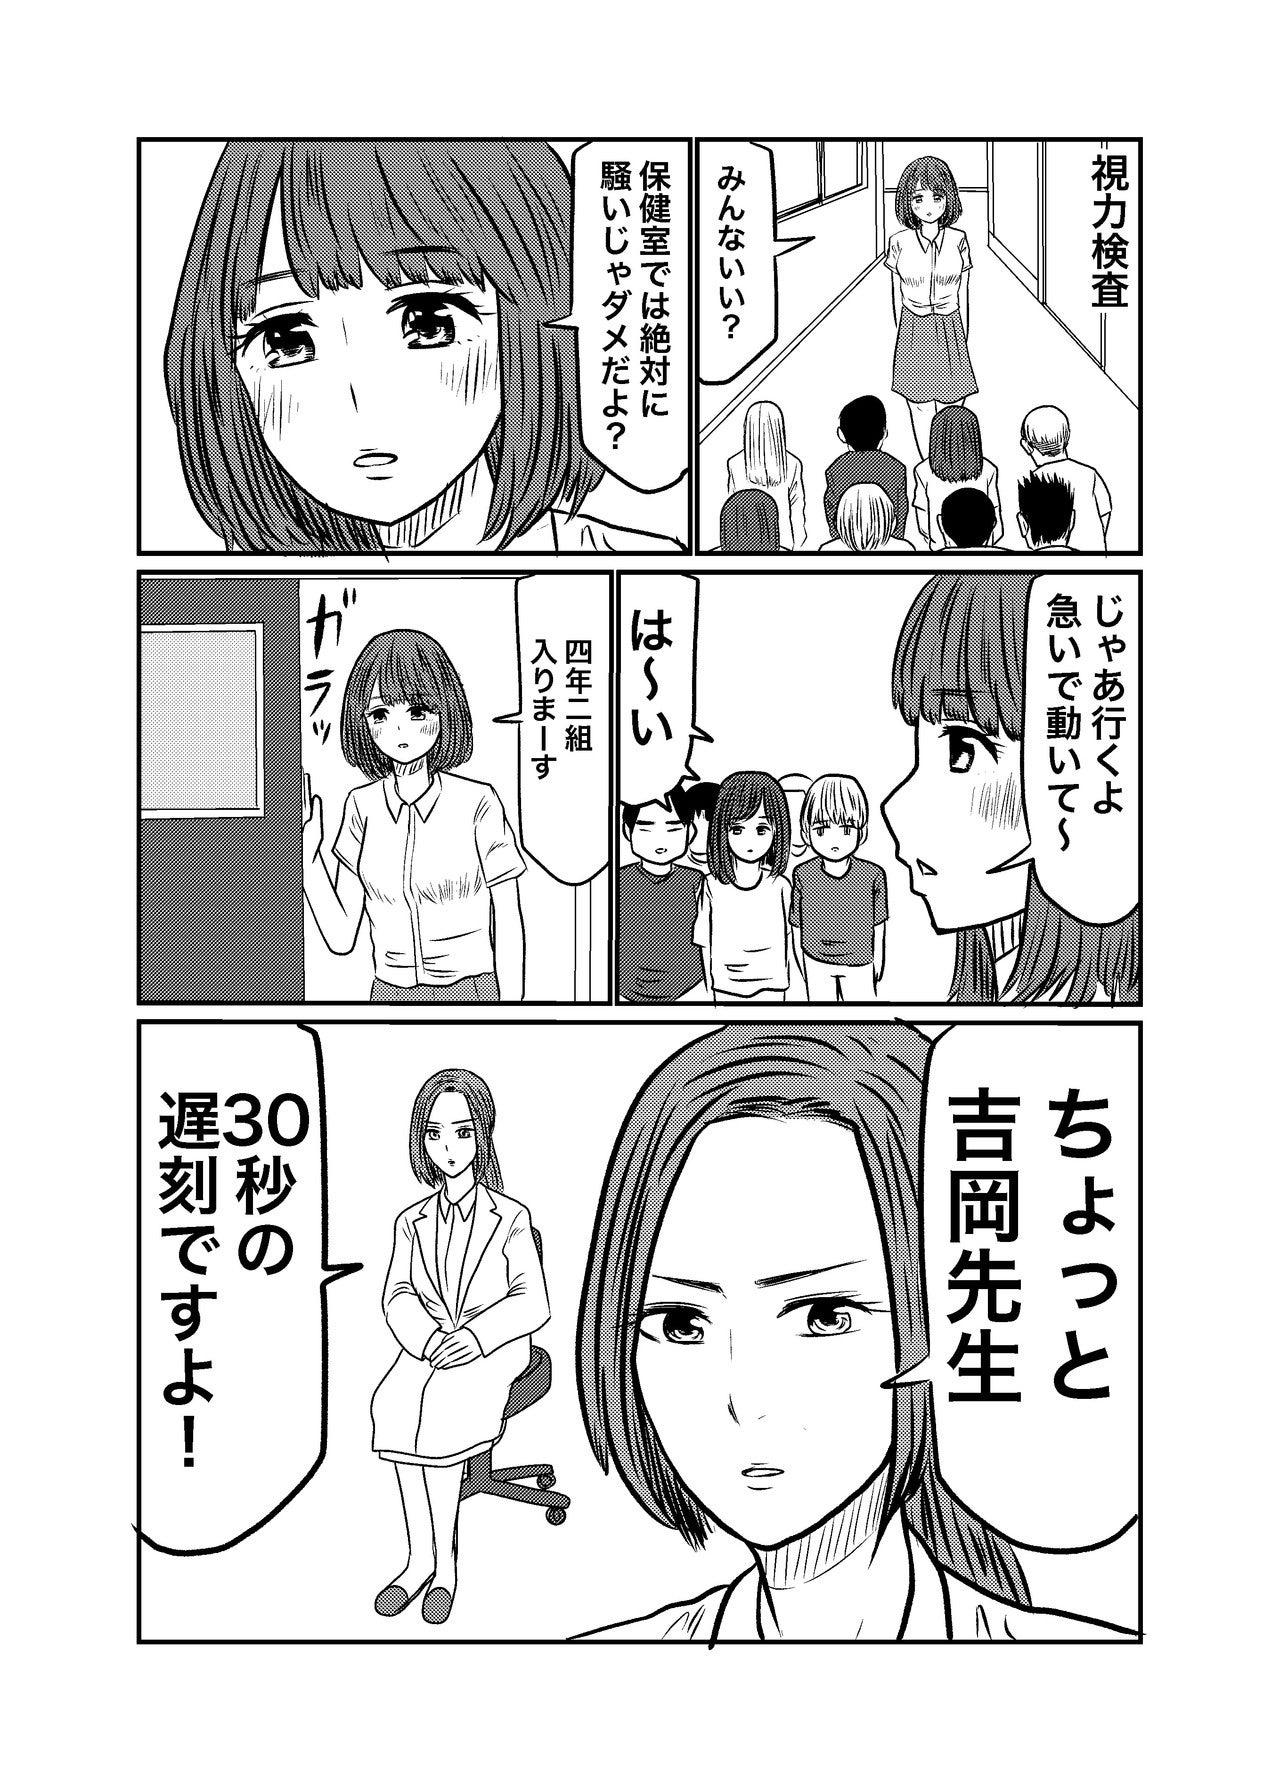 5話高助_出力_001